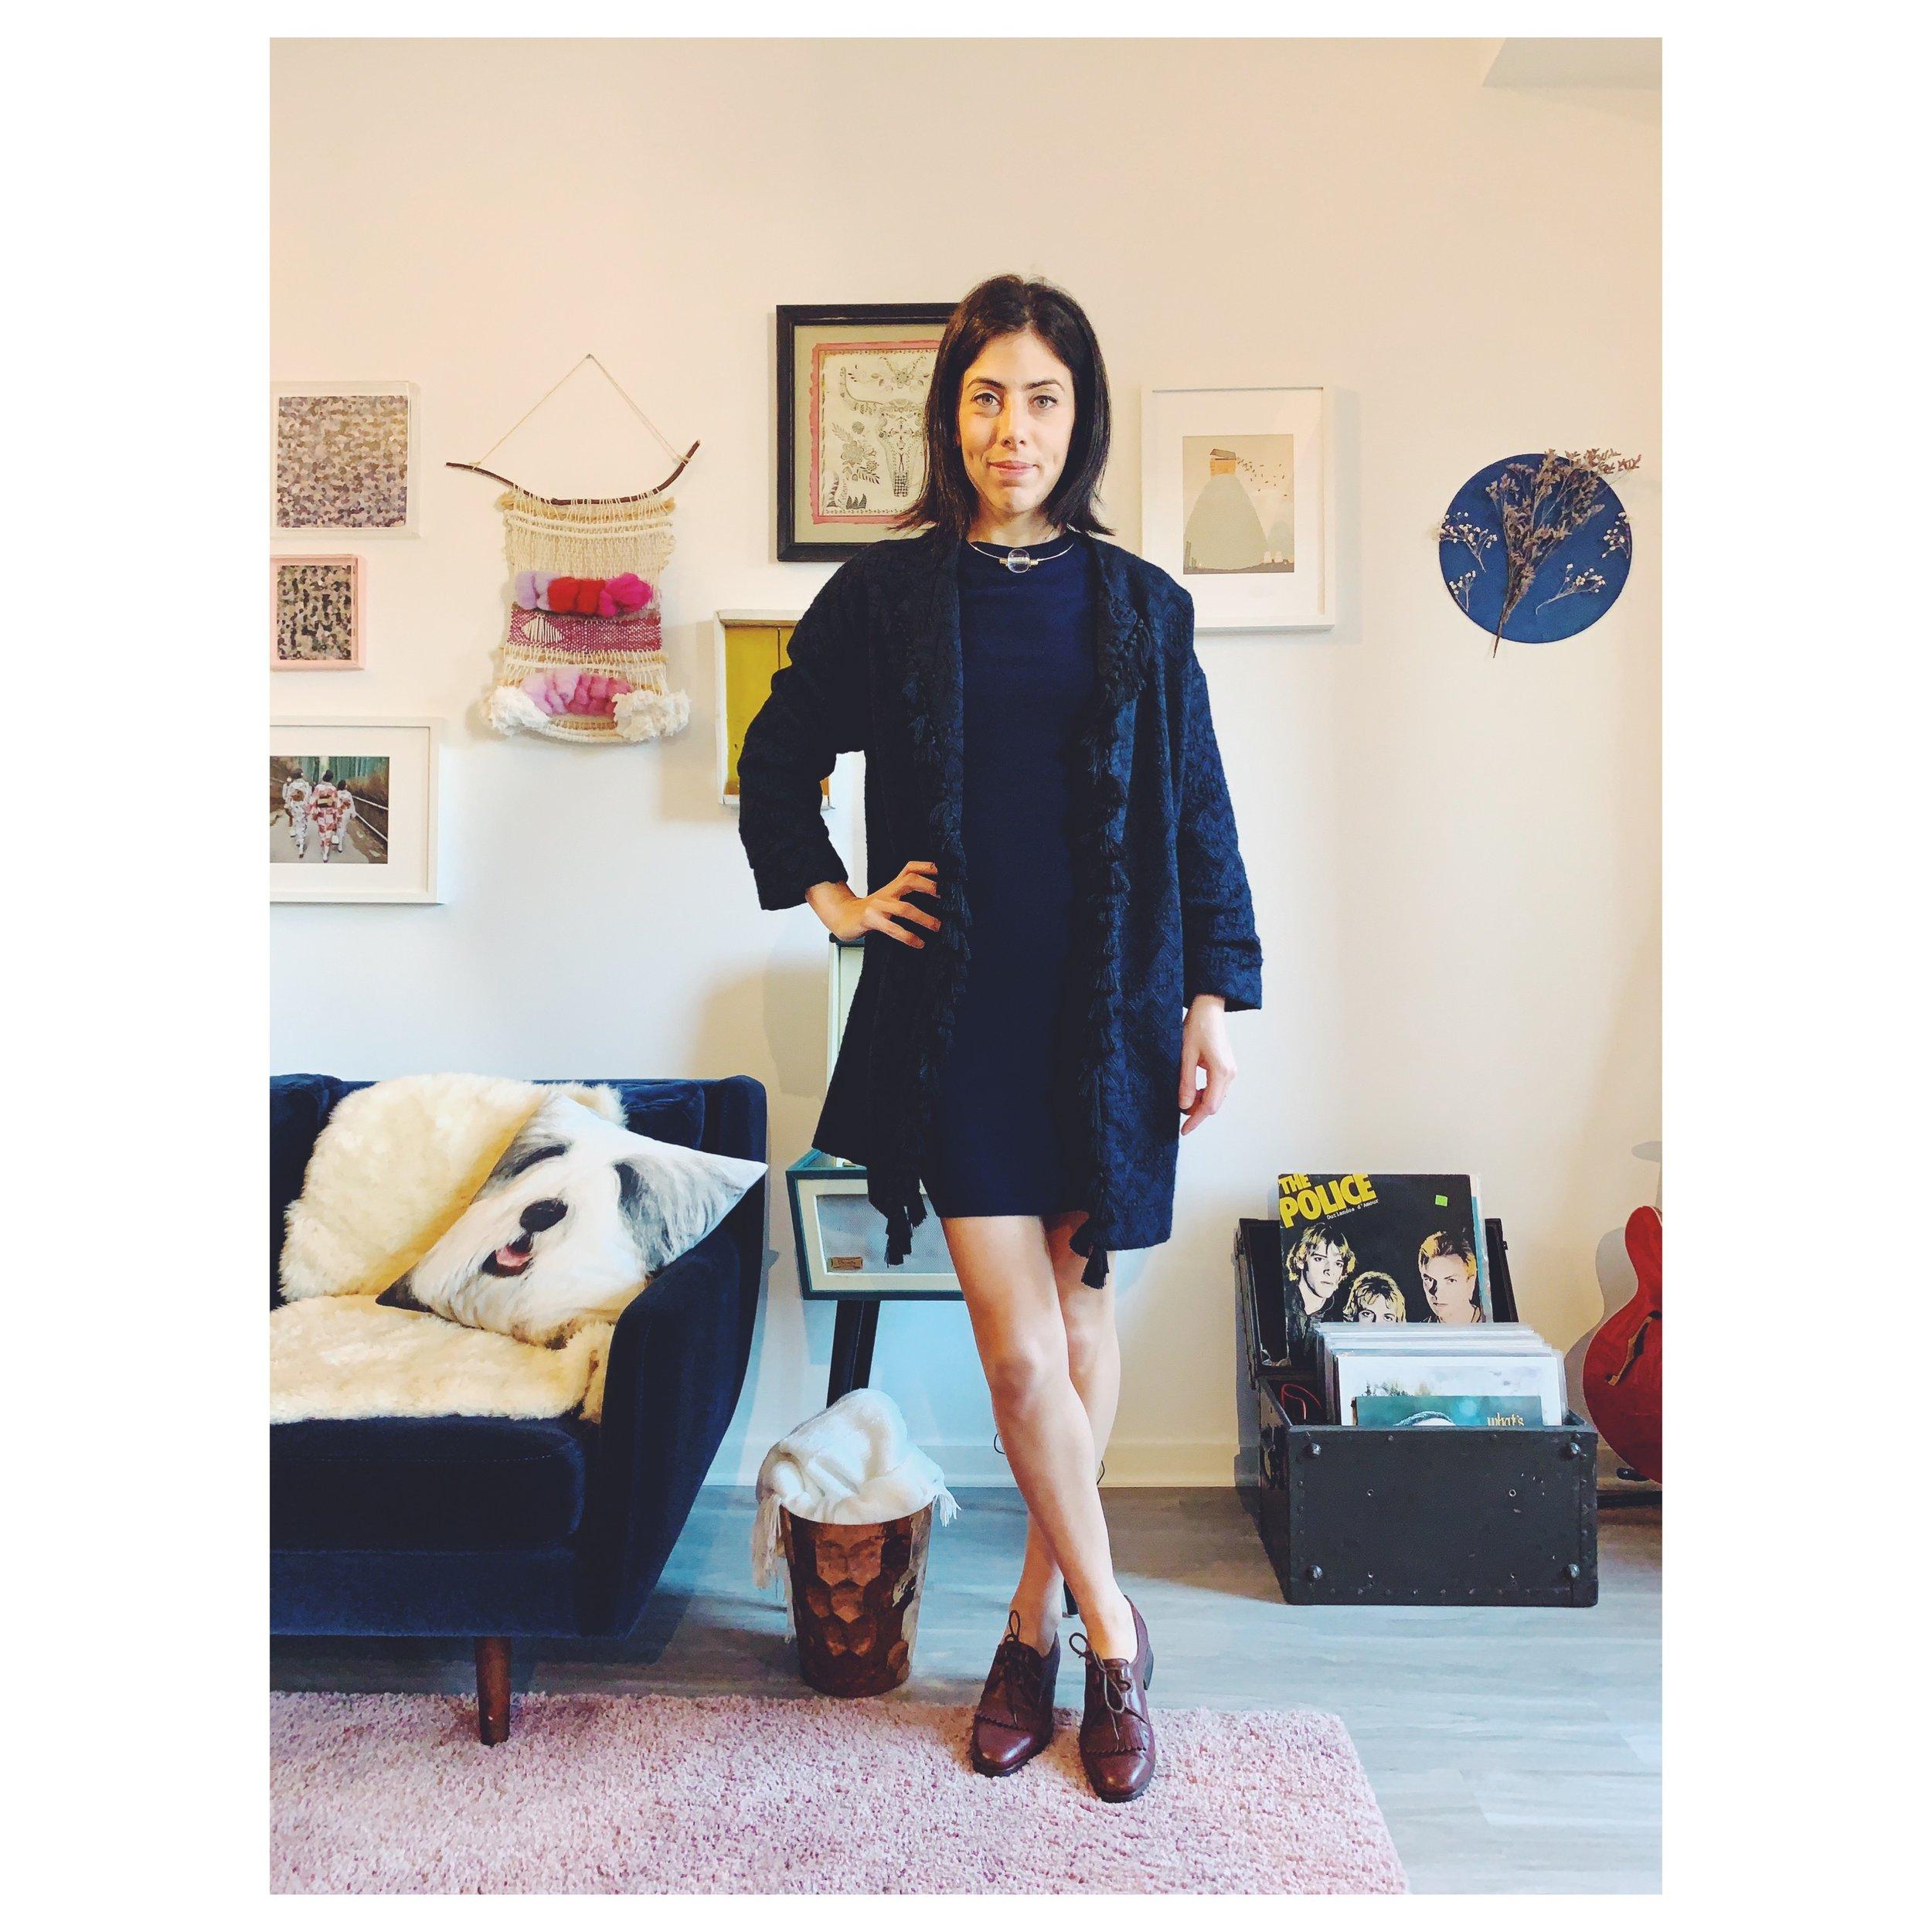 Vestido marinho - Instagram 2.JPG